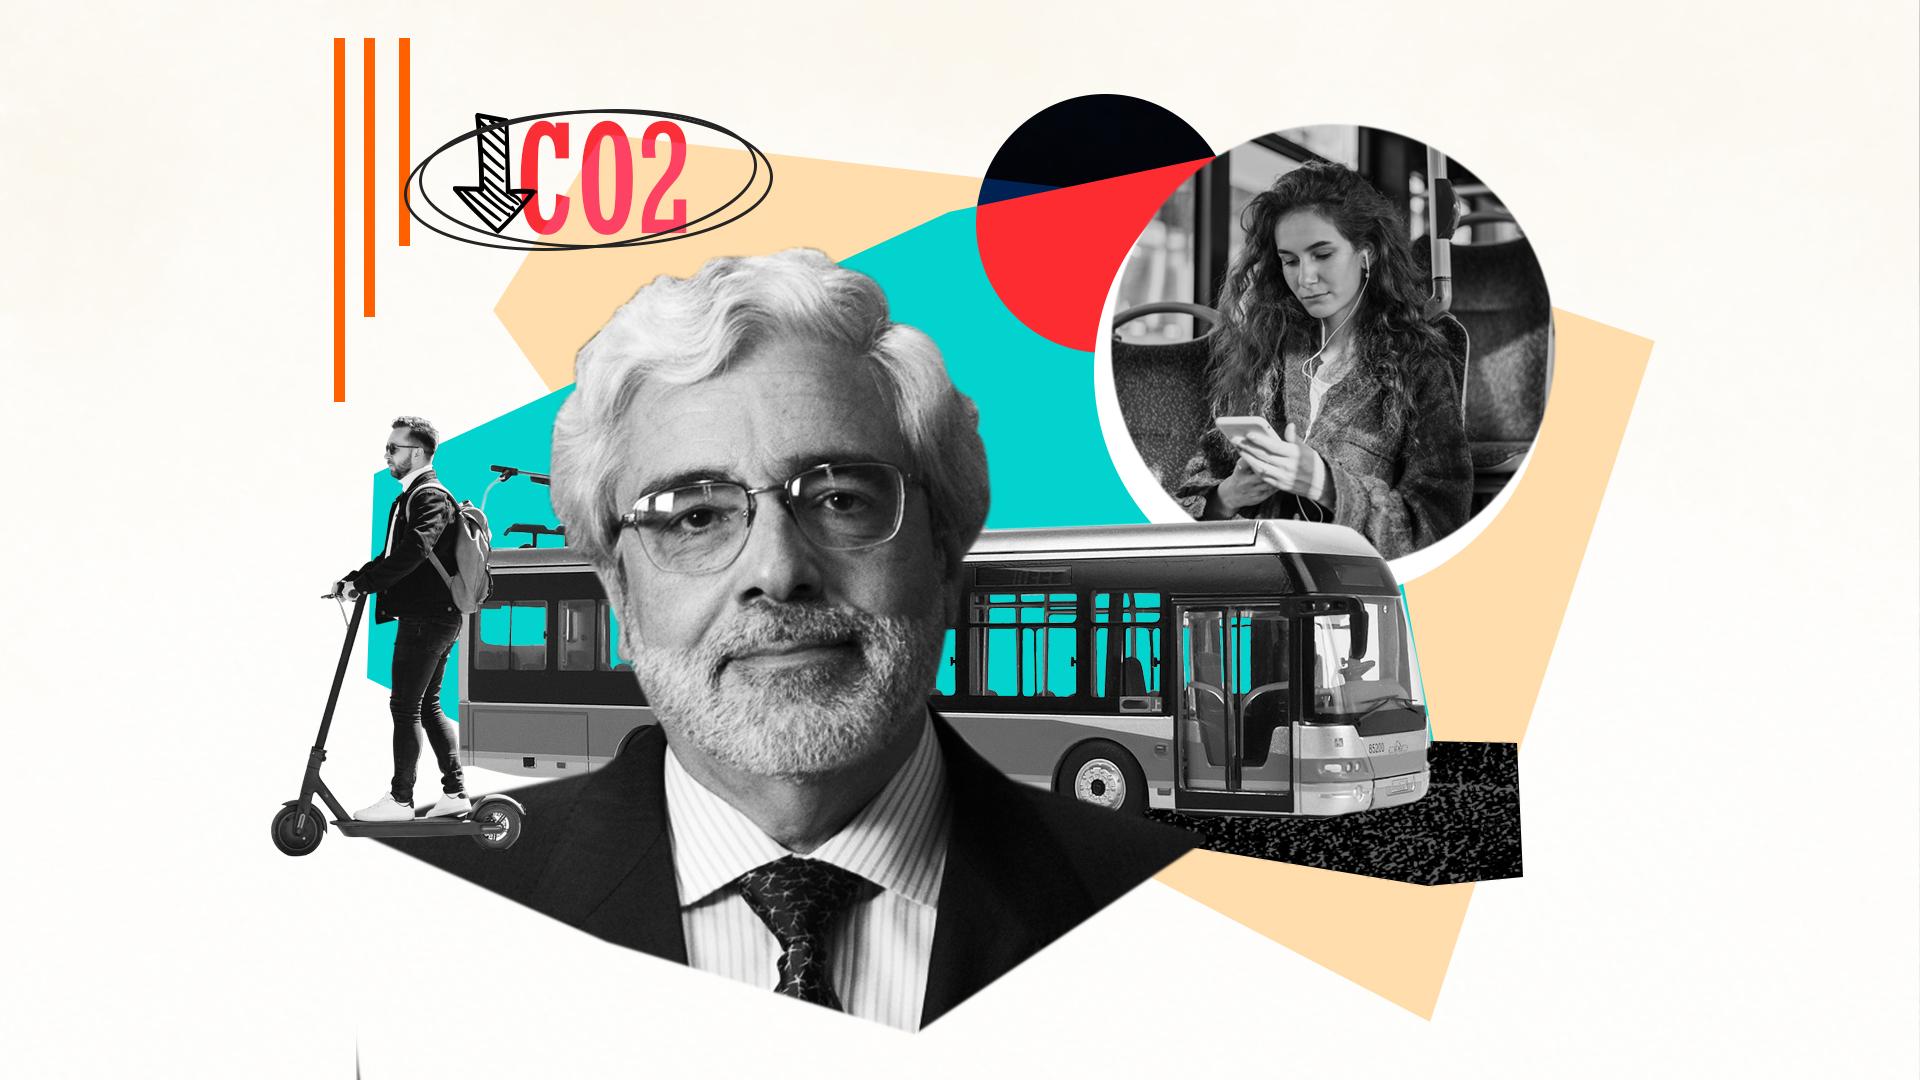 El transporte sustentable es parte de la solución a la crisis climática y también a la desigualdad en las ciudades